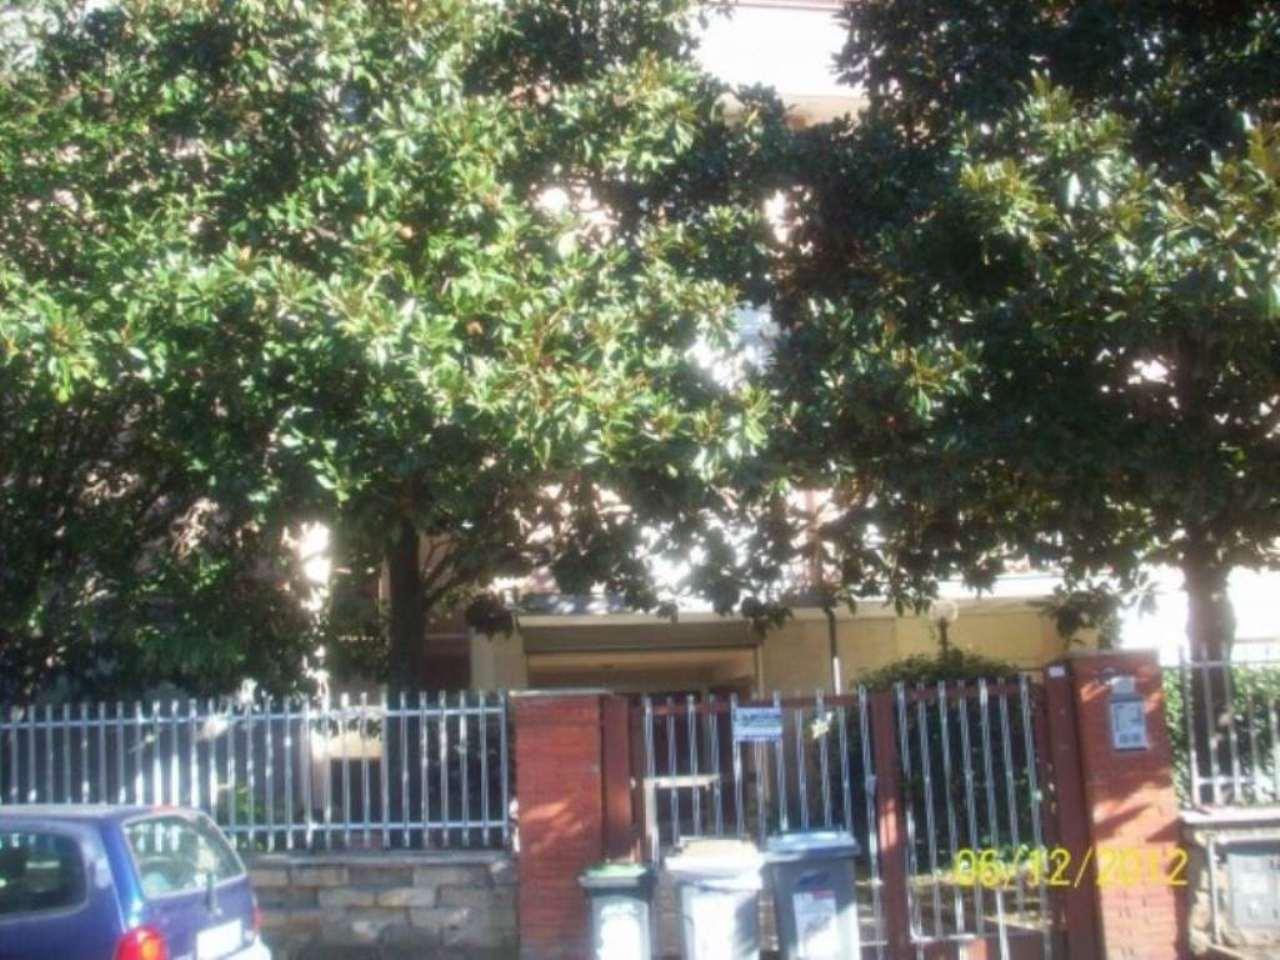 Attico / Mansarda in affitto a Ariccia, 1 locali, prezzo € 500 | CambioCasa.it